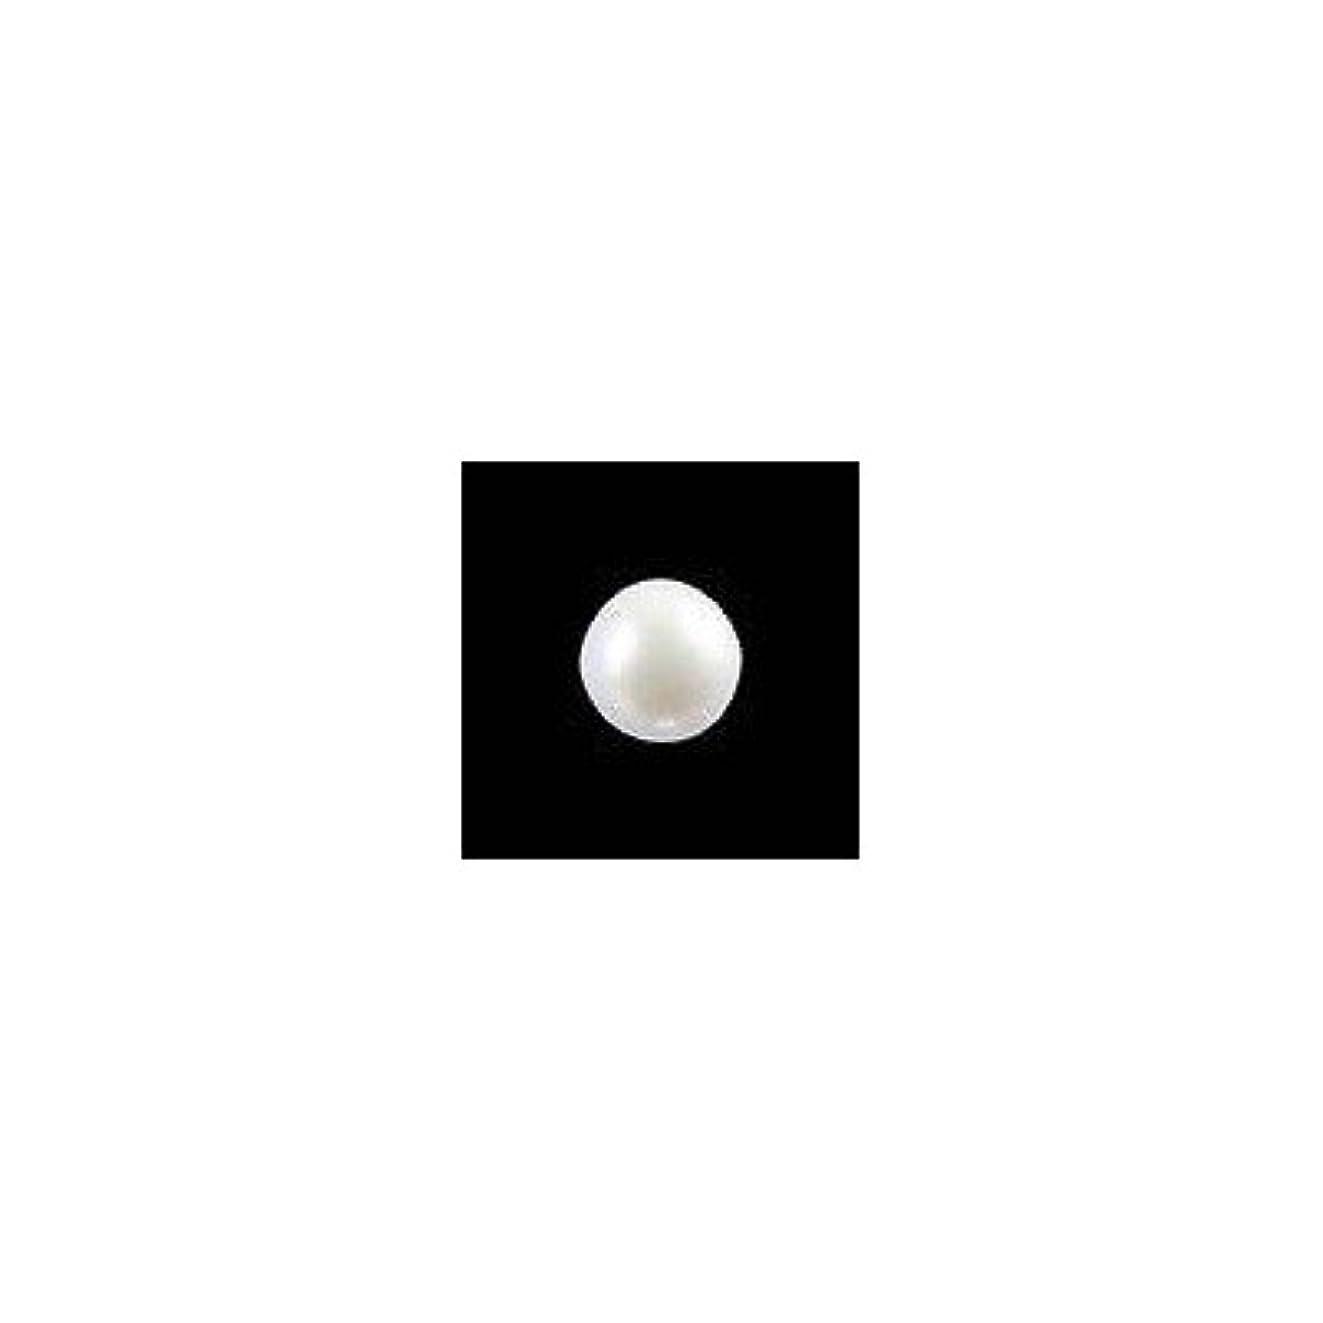 ピアドラ 大粒パール ラウンド(5mm)24P